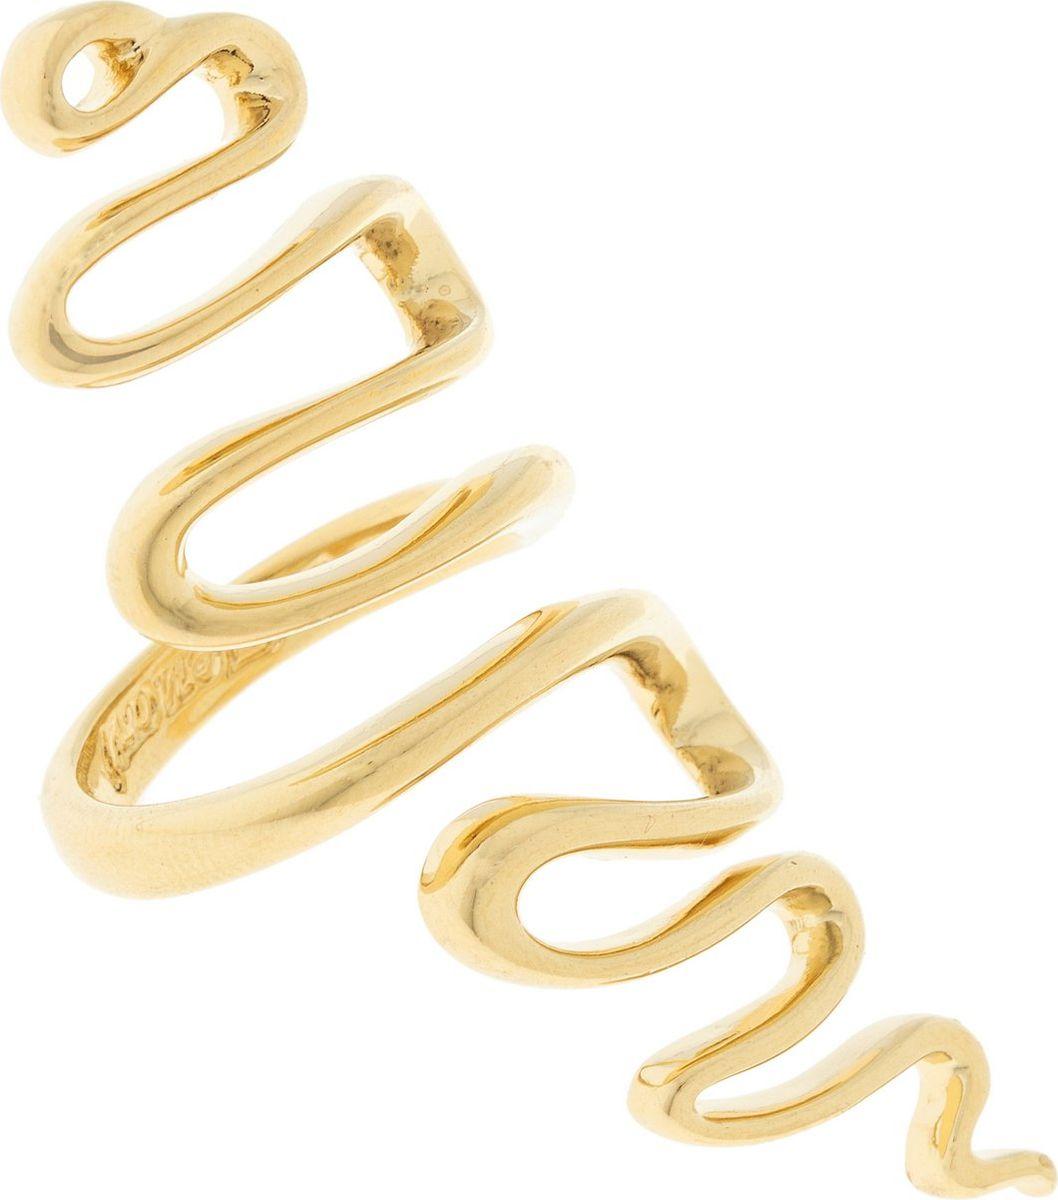 Кольцо Jenavi Этюд. Кимпу, цвет: золотой. Размер 17f736p090Коллекция Этюд, Кимпу (Кольцо) гипоаллергенный ювелирный сплав,Позолота, вставка без вставок, цвет - золотой, , размер - 17